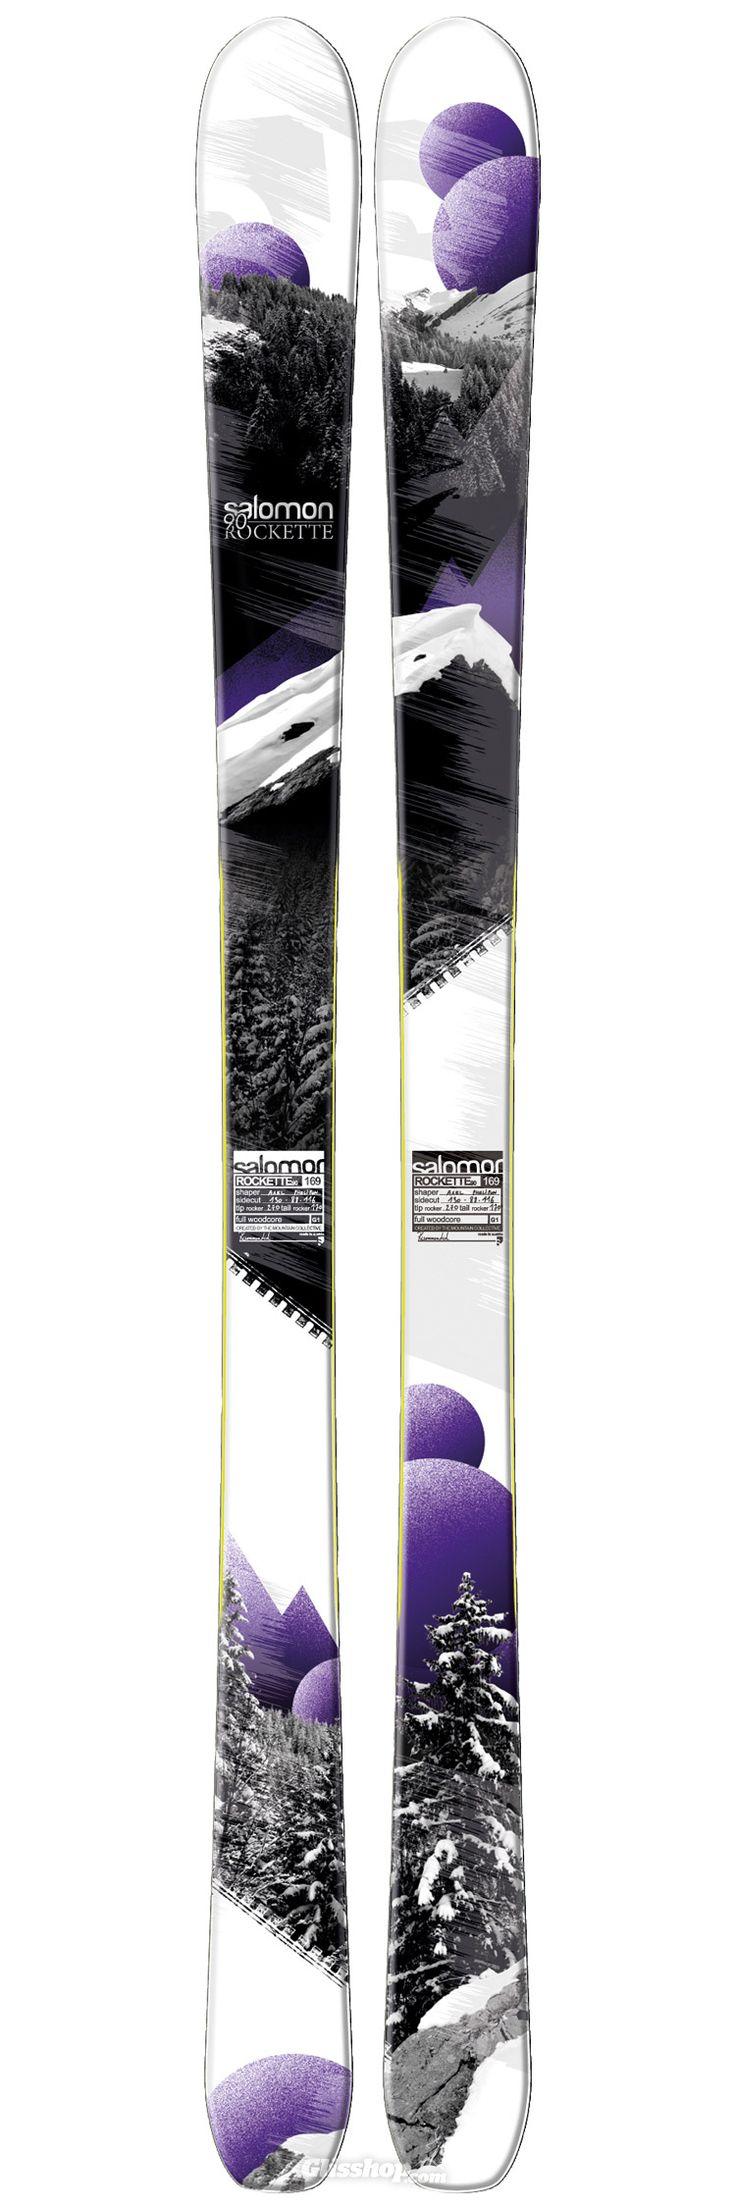 Le Salomon Rockette 90. concept Pulse Pad. de quoi taper des ollies et sauter des barres...